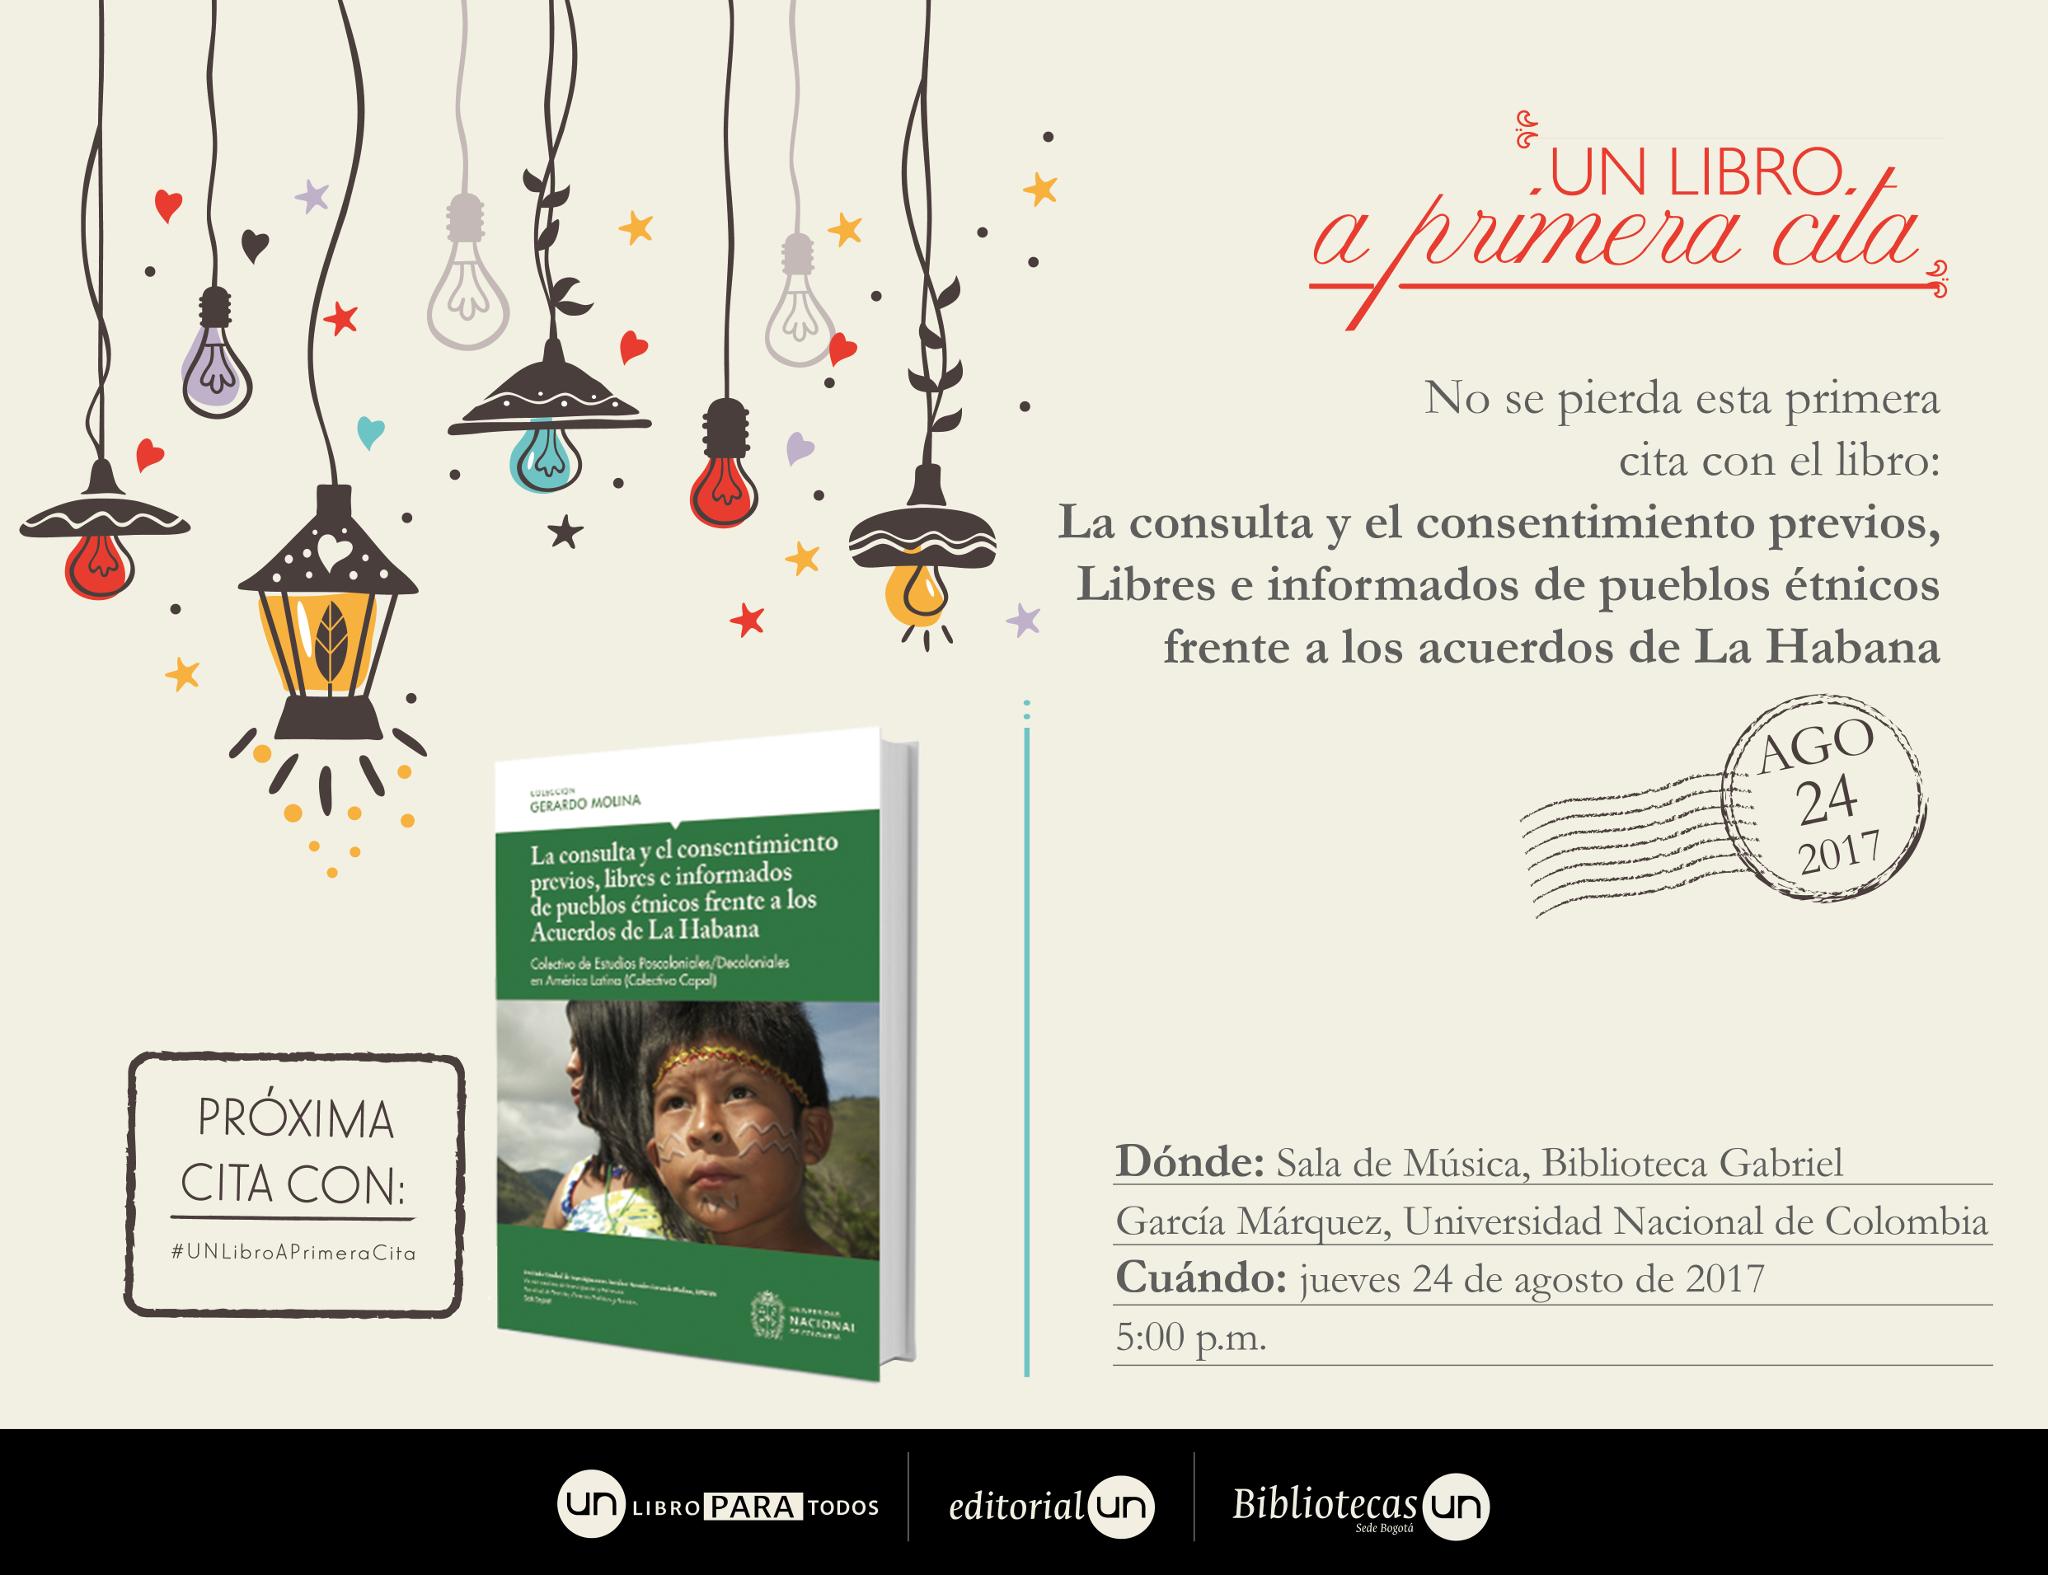 #UNlibroaprimeracita: 'La consulta y el consentimiento previos, libres e informados de pueblos étnicos frente a los Acuerdos de La Habana'